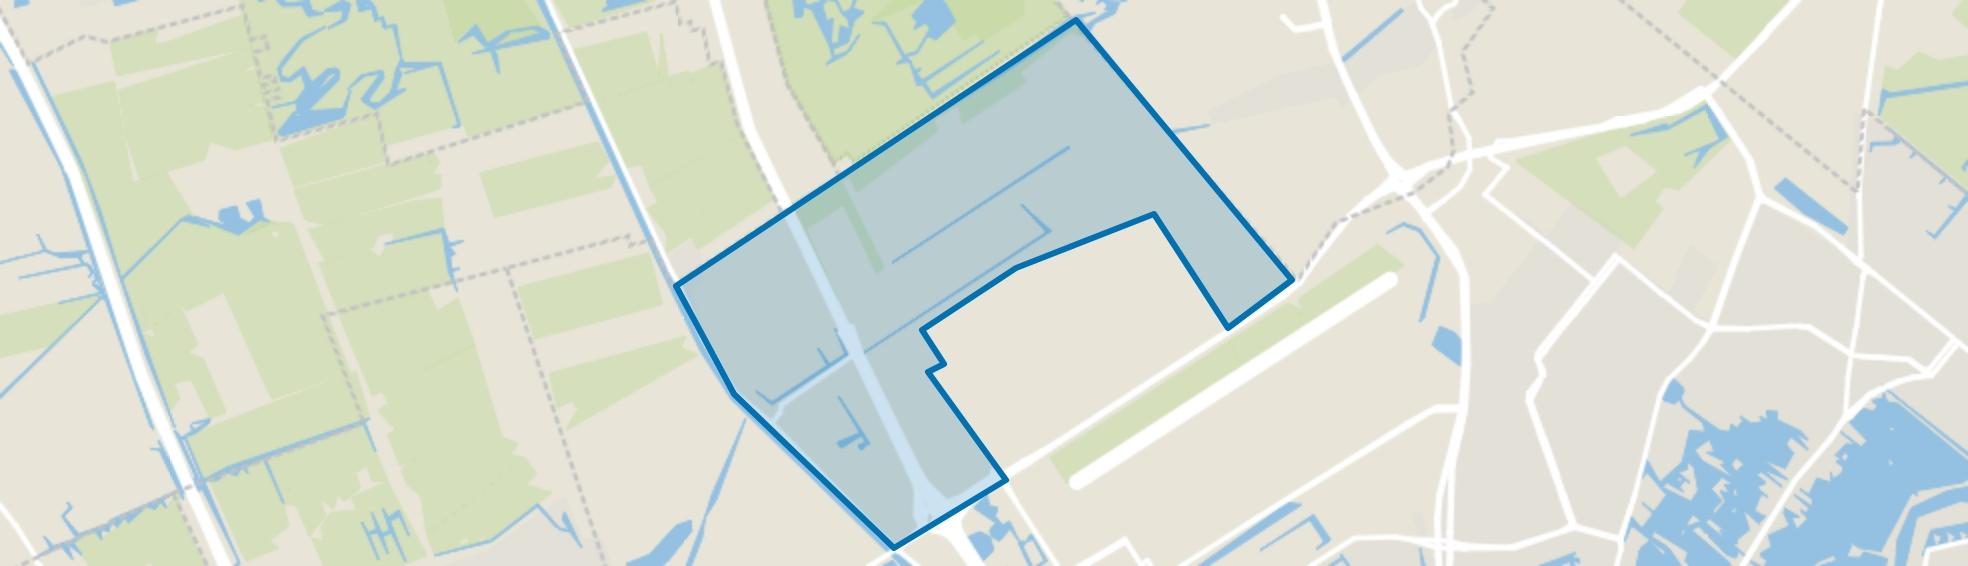 Schieveen, Rotterdam map